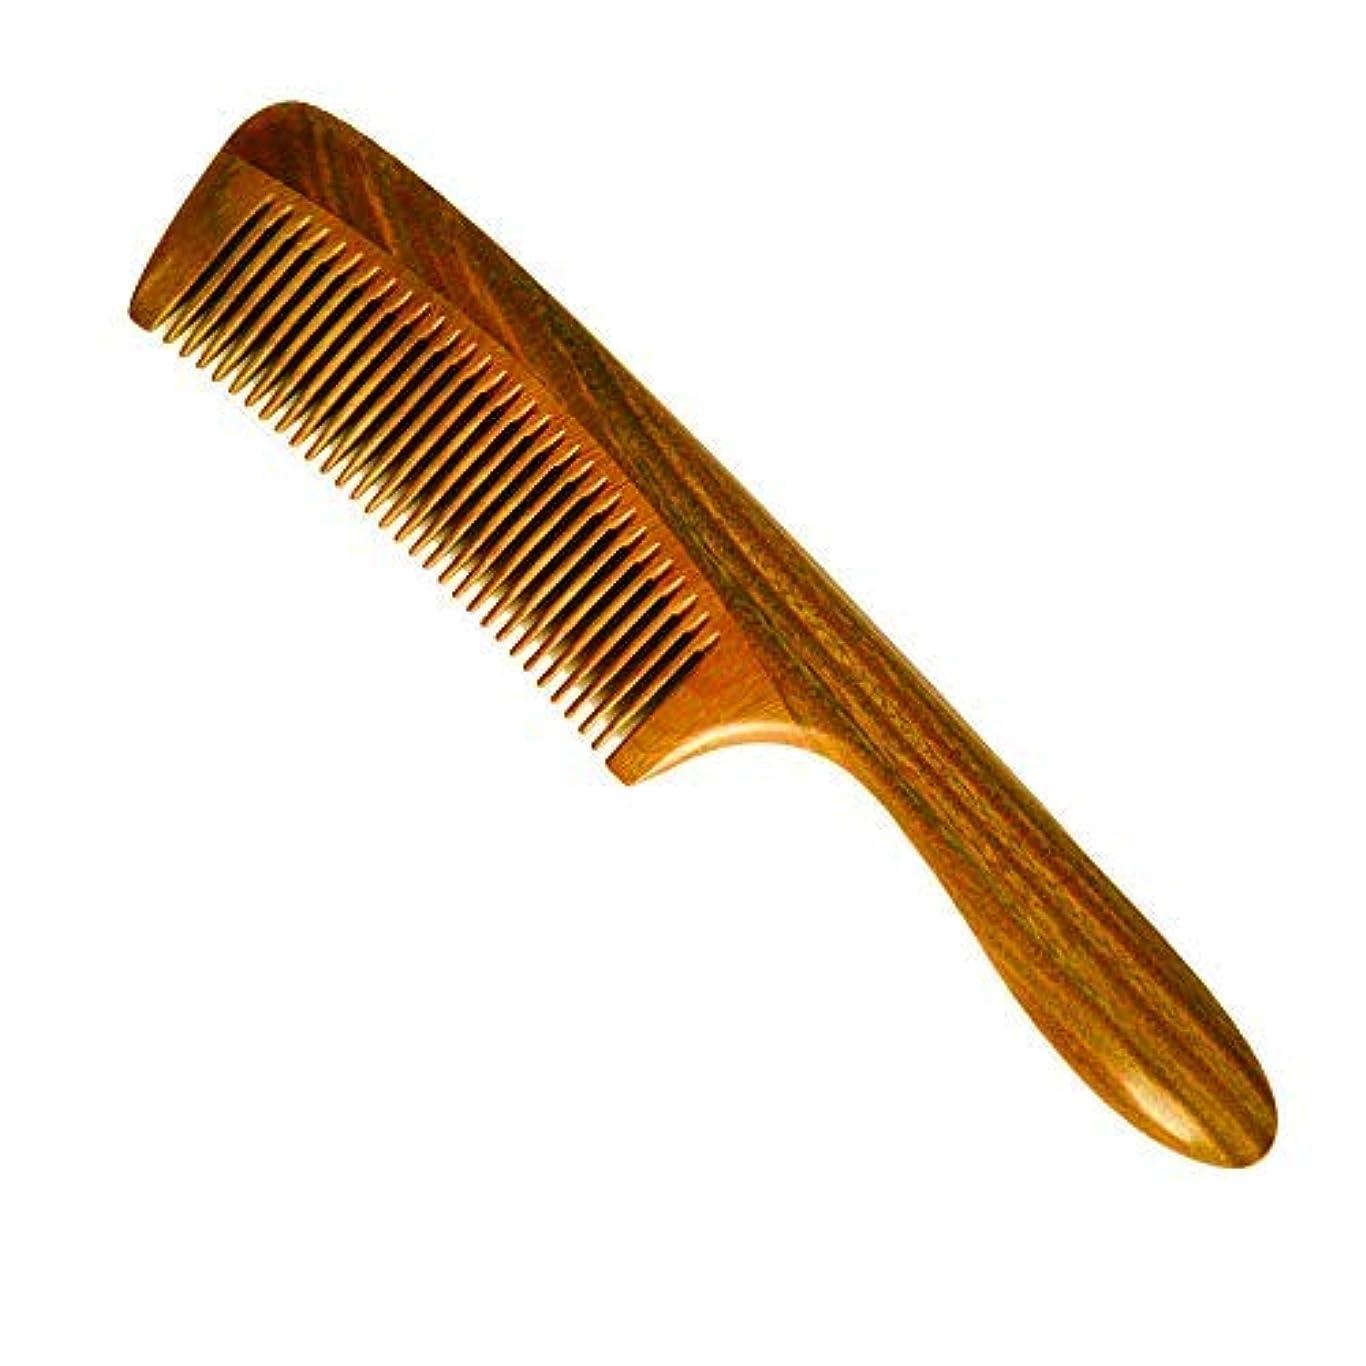 未亡人集計デコードするHair Comb, Wooden Comb Tooth And Fine Tooth Wood Comb,Green Sandalwood, Women and Men Hair Combs (MR04) [並行輸入品]